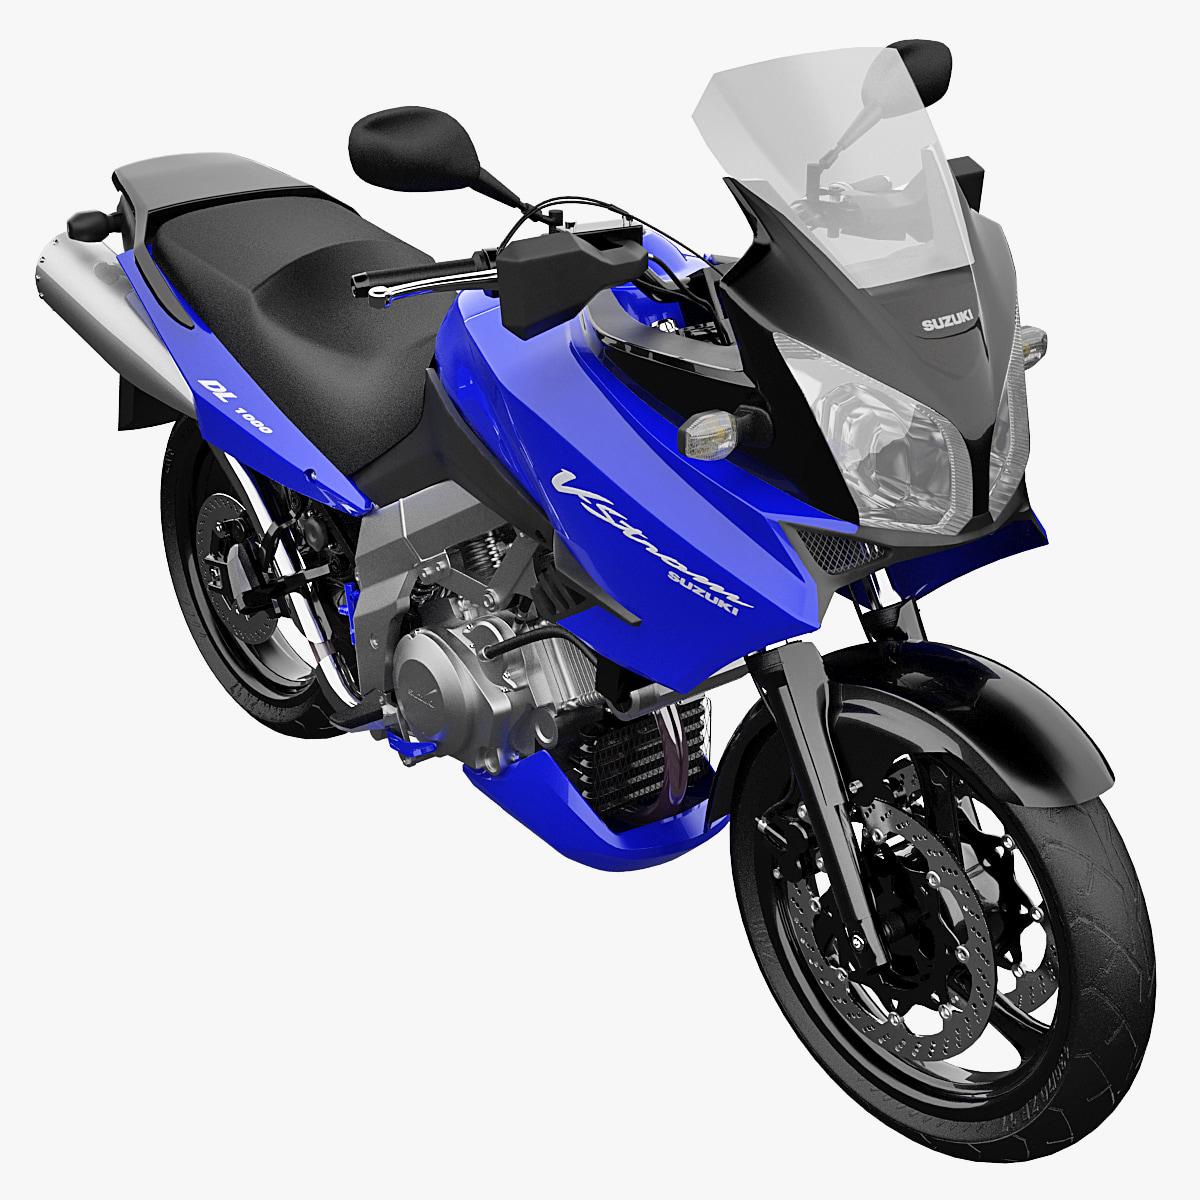 Suzuki_Dl1000_V_Strom_0000_2.jpg